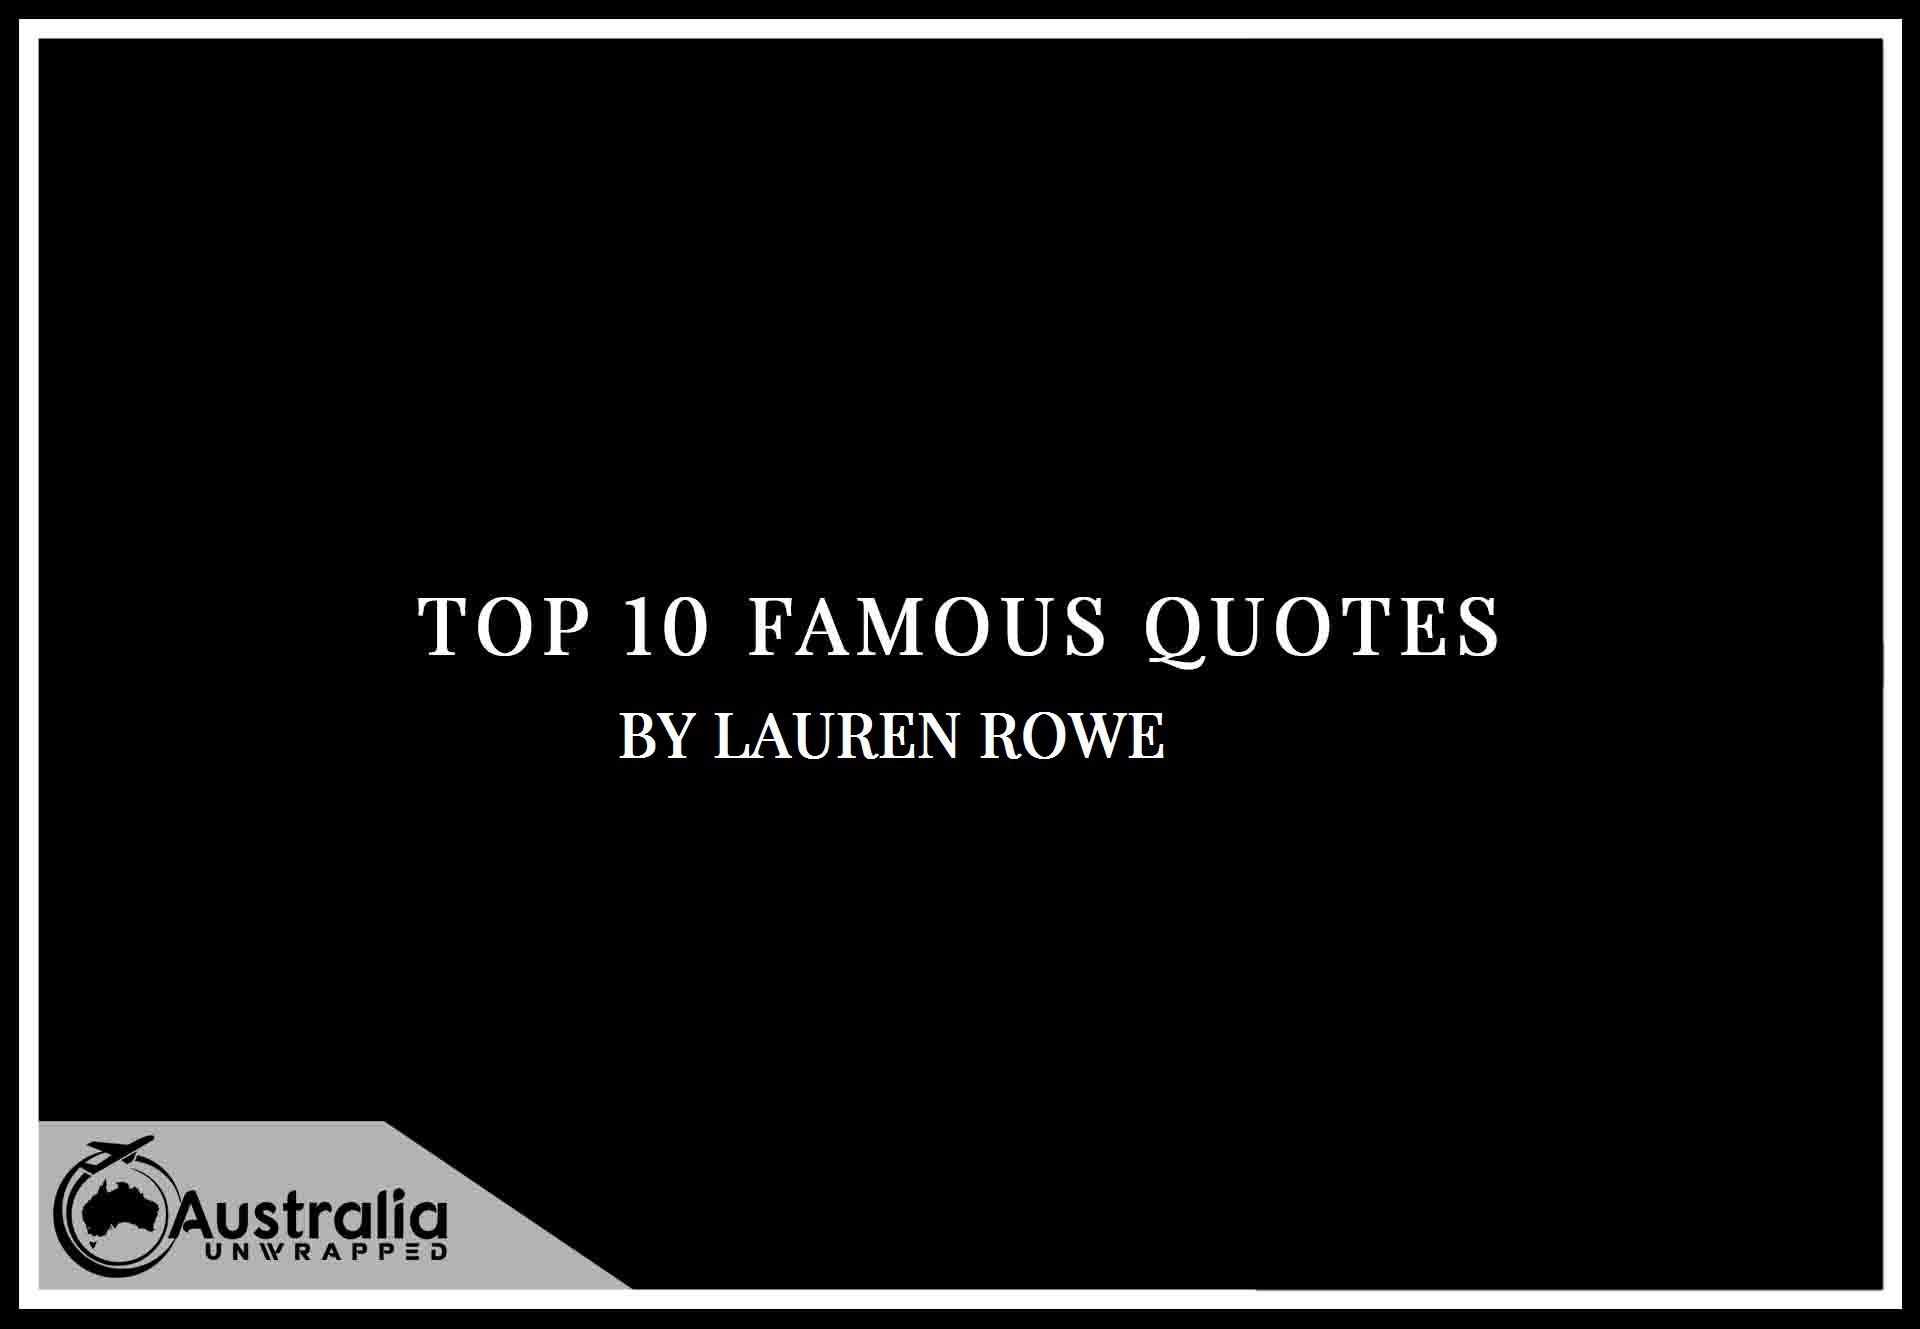 Lauren Rowe's Top 10 Popular and Famous Quotes